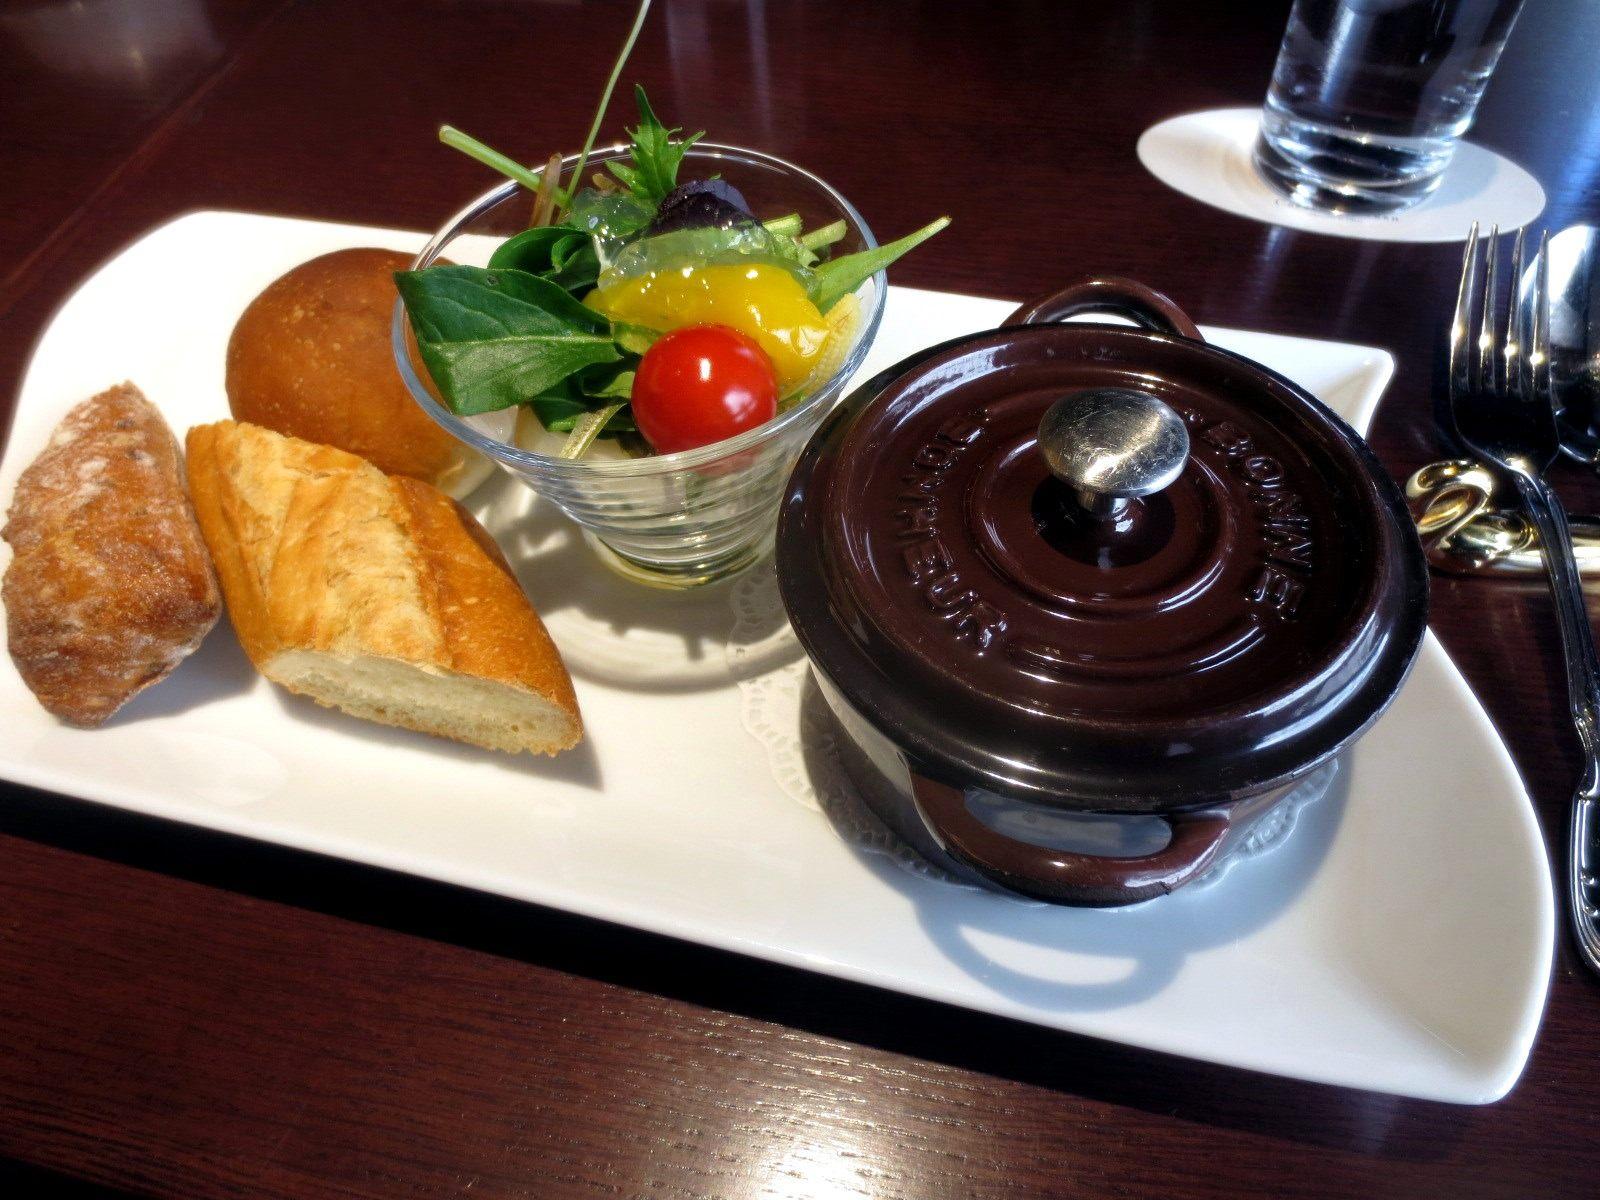 Cacaotier Stew – 1,296 yen tax incl.